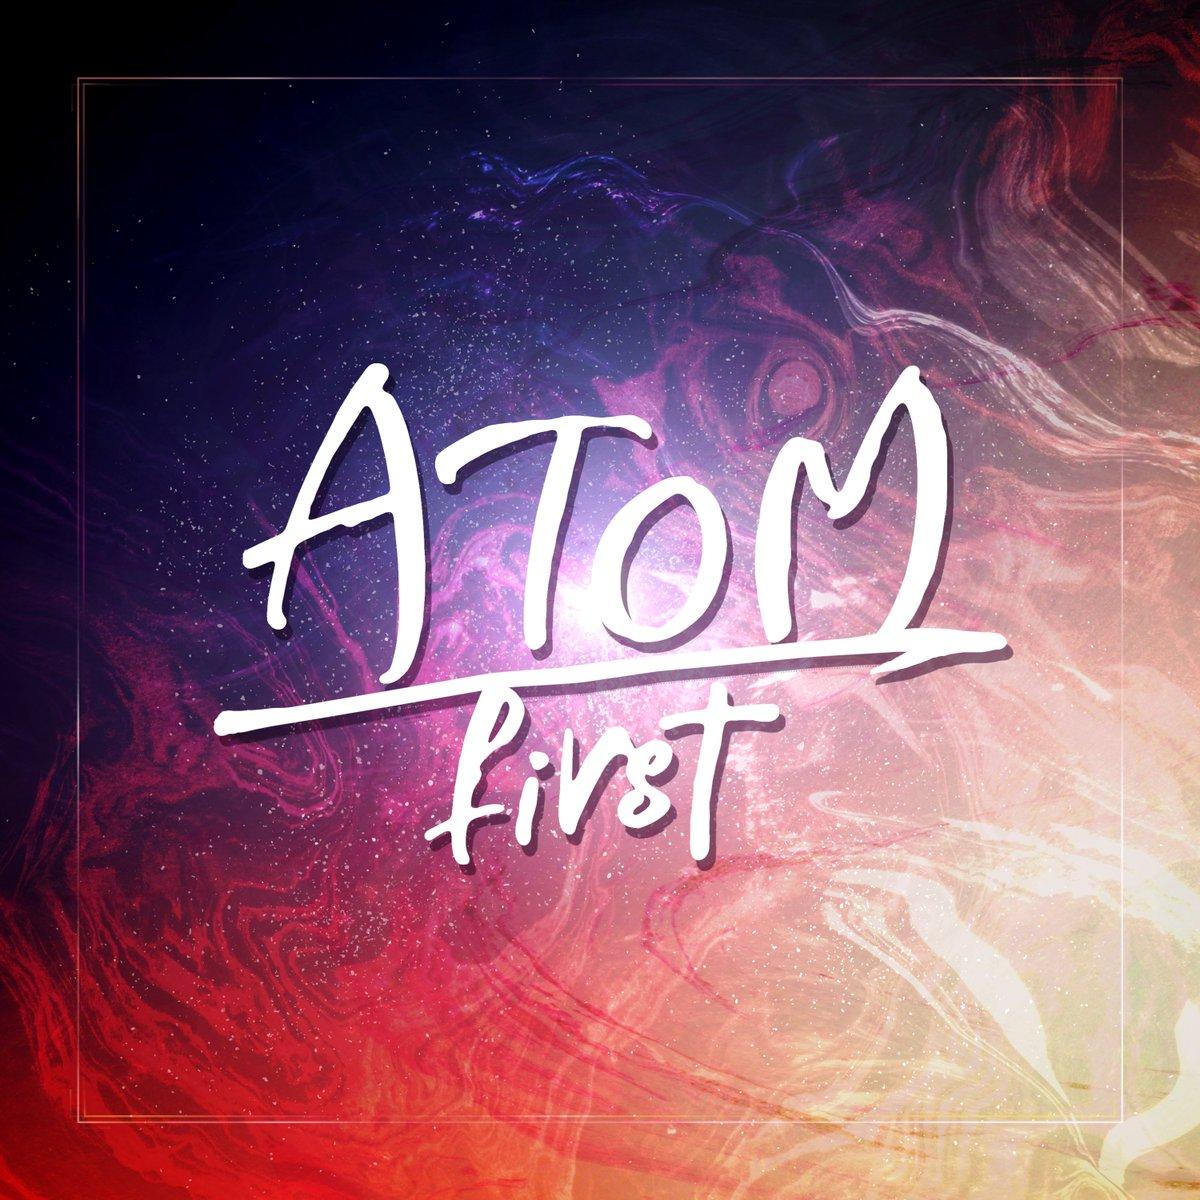 Hiro - ATOM first